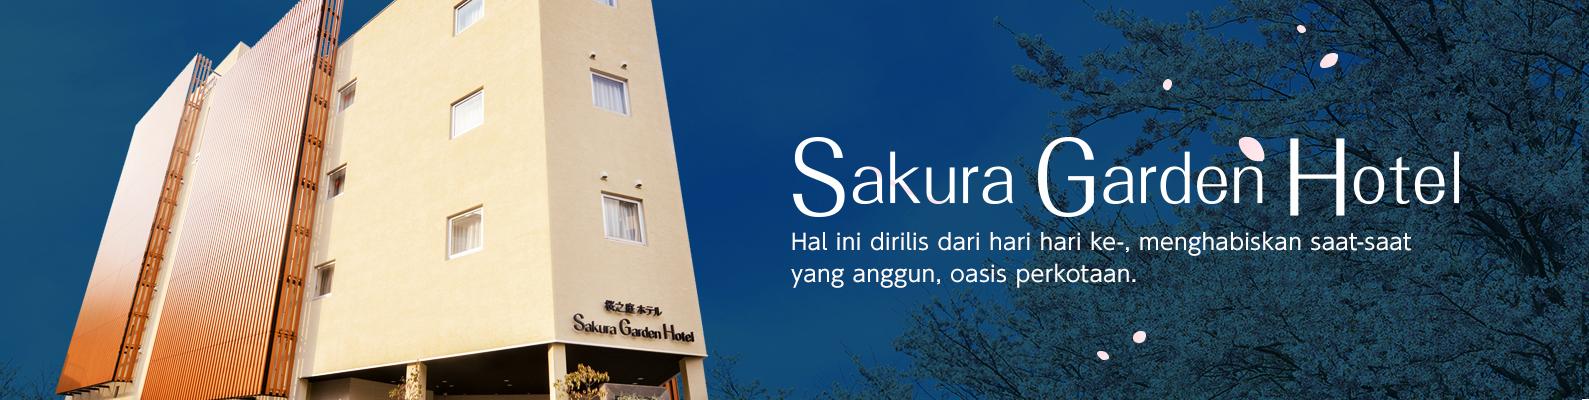 Dilepaskan dari Sakura Garden Hotel sehari-hari, menghabiskan saat-saat, oasis perkotaan